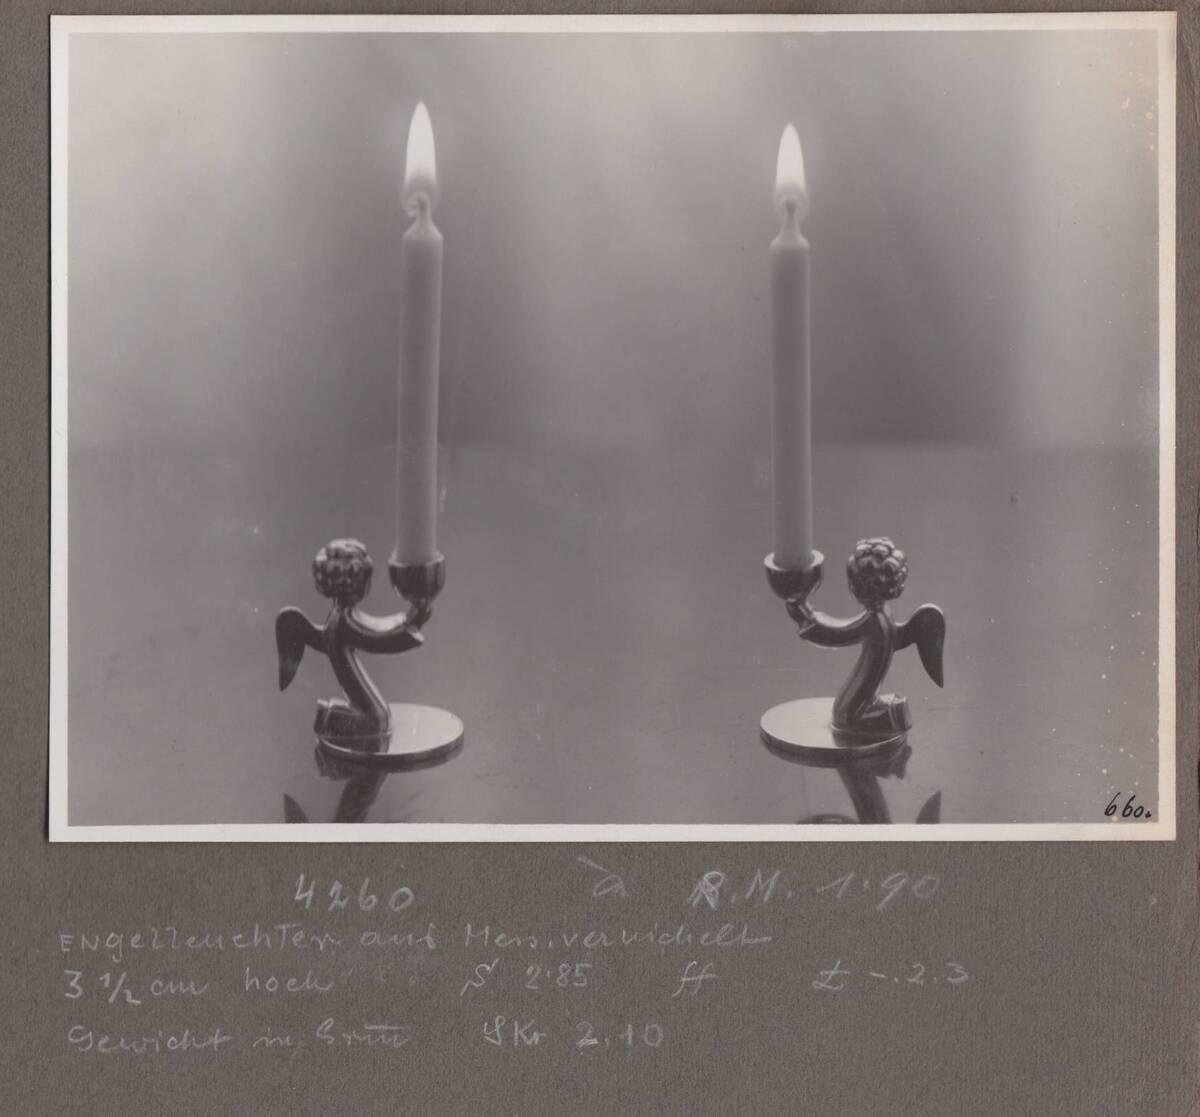 """2 Kerzenleuchter """"Engelleuchter"""": kniender Engel als Leuchterfuß von Sedlmayer, Karl"""